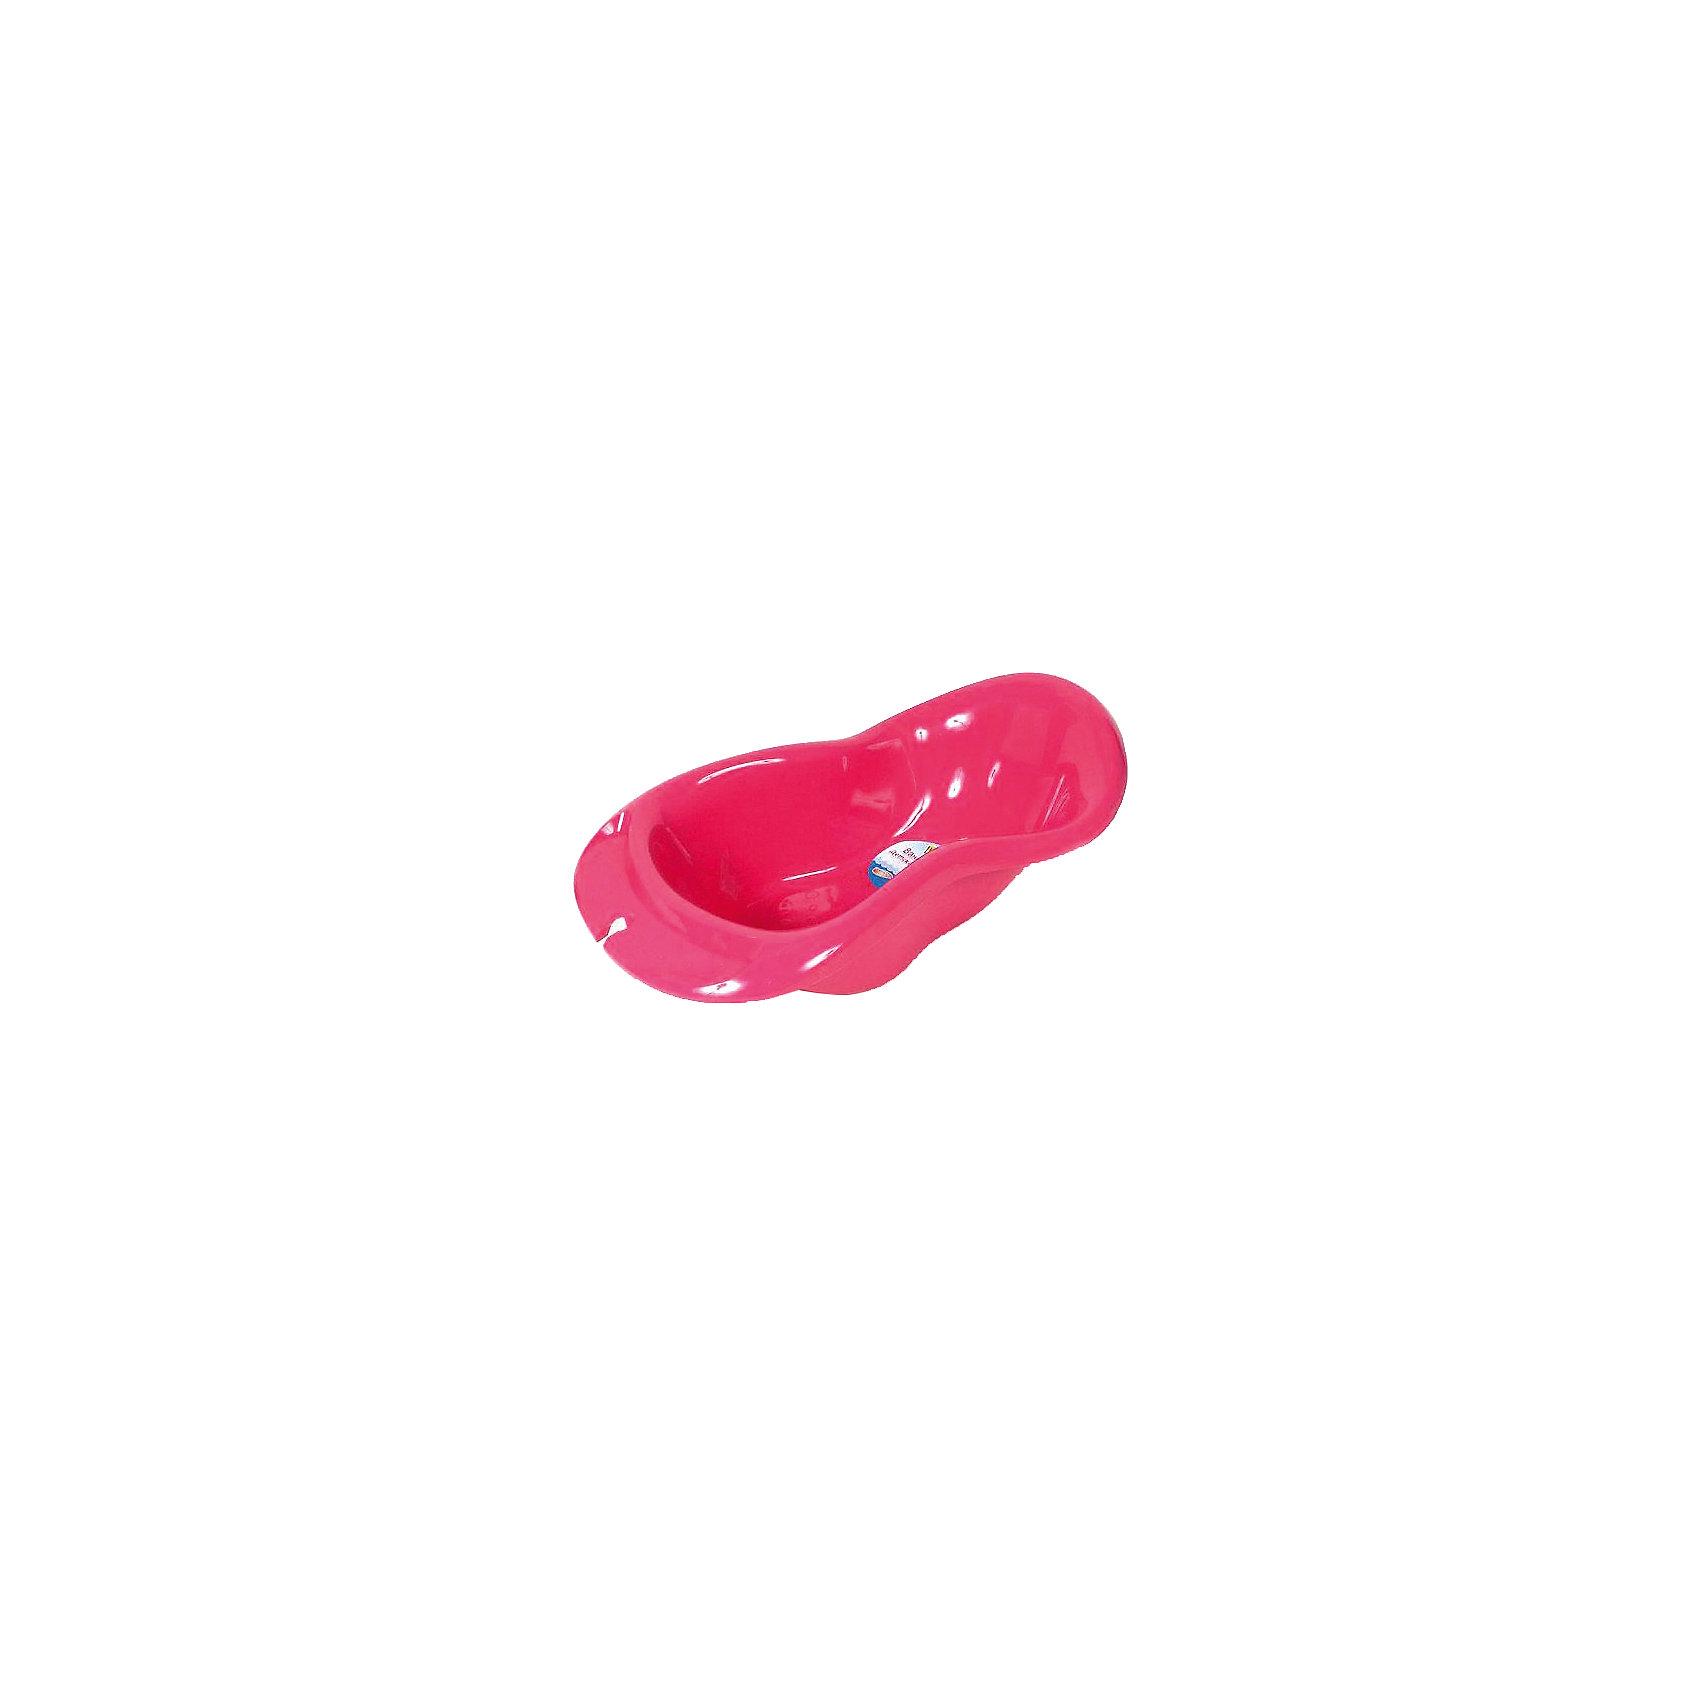 Ванна детская, Пластишка, розовый